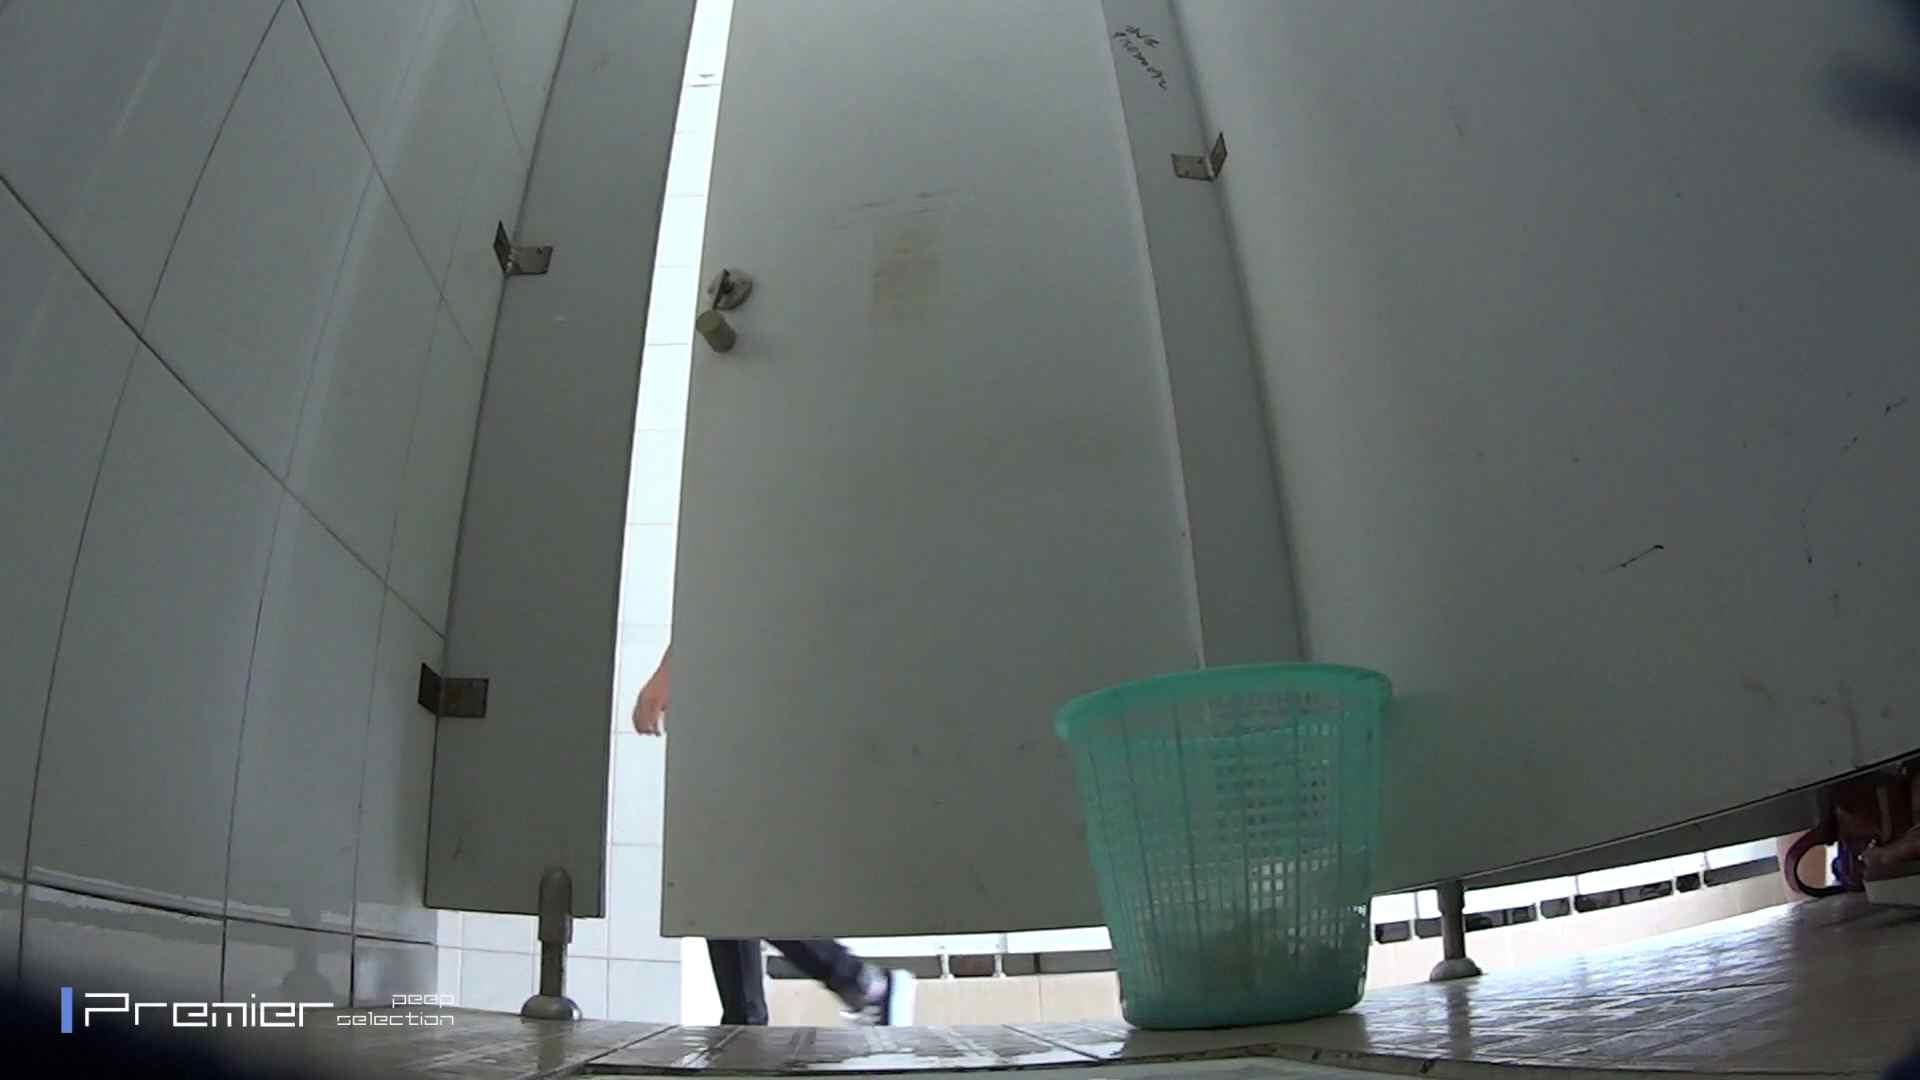 美しい女良たちのトイレ事情 有名大学休憩時間の洗面所事情06 盗撮 | トイレ盗撮  84pic 41